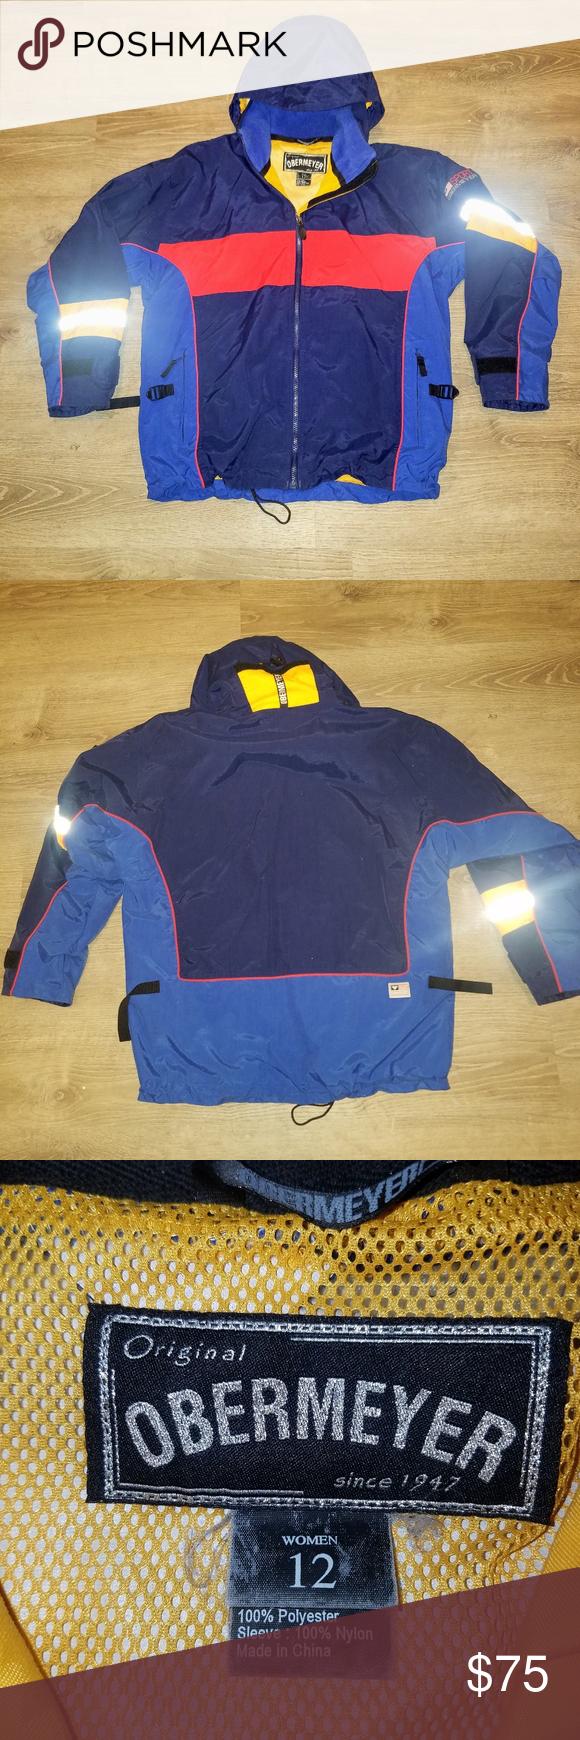 6257f5d950 Vintage Obermeyer Ski Jacket Vintage Obermeyer Ski Jacket Size 12 In Great  Condition Obermeyer Jackets